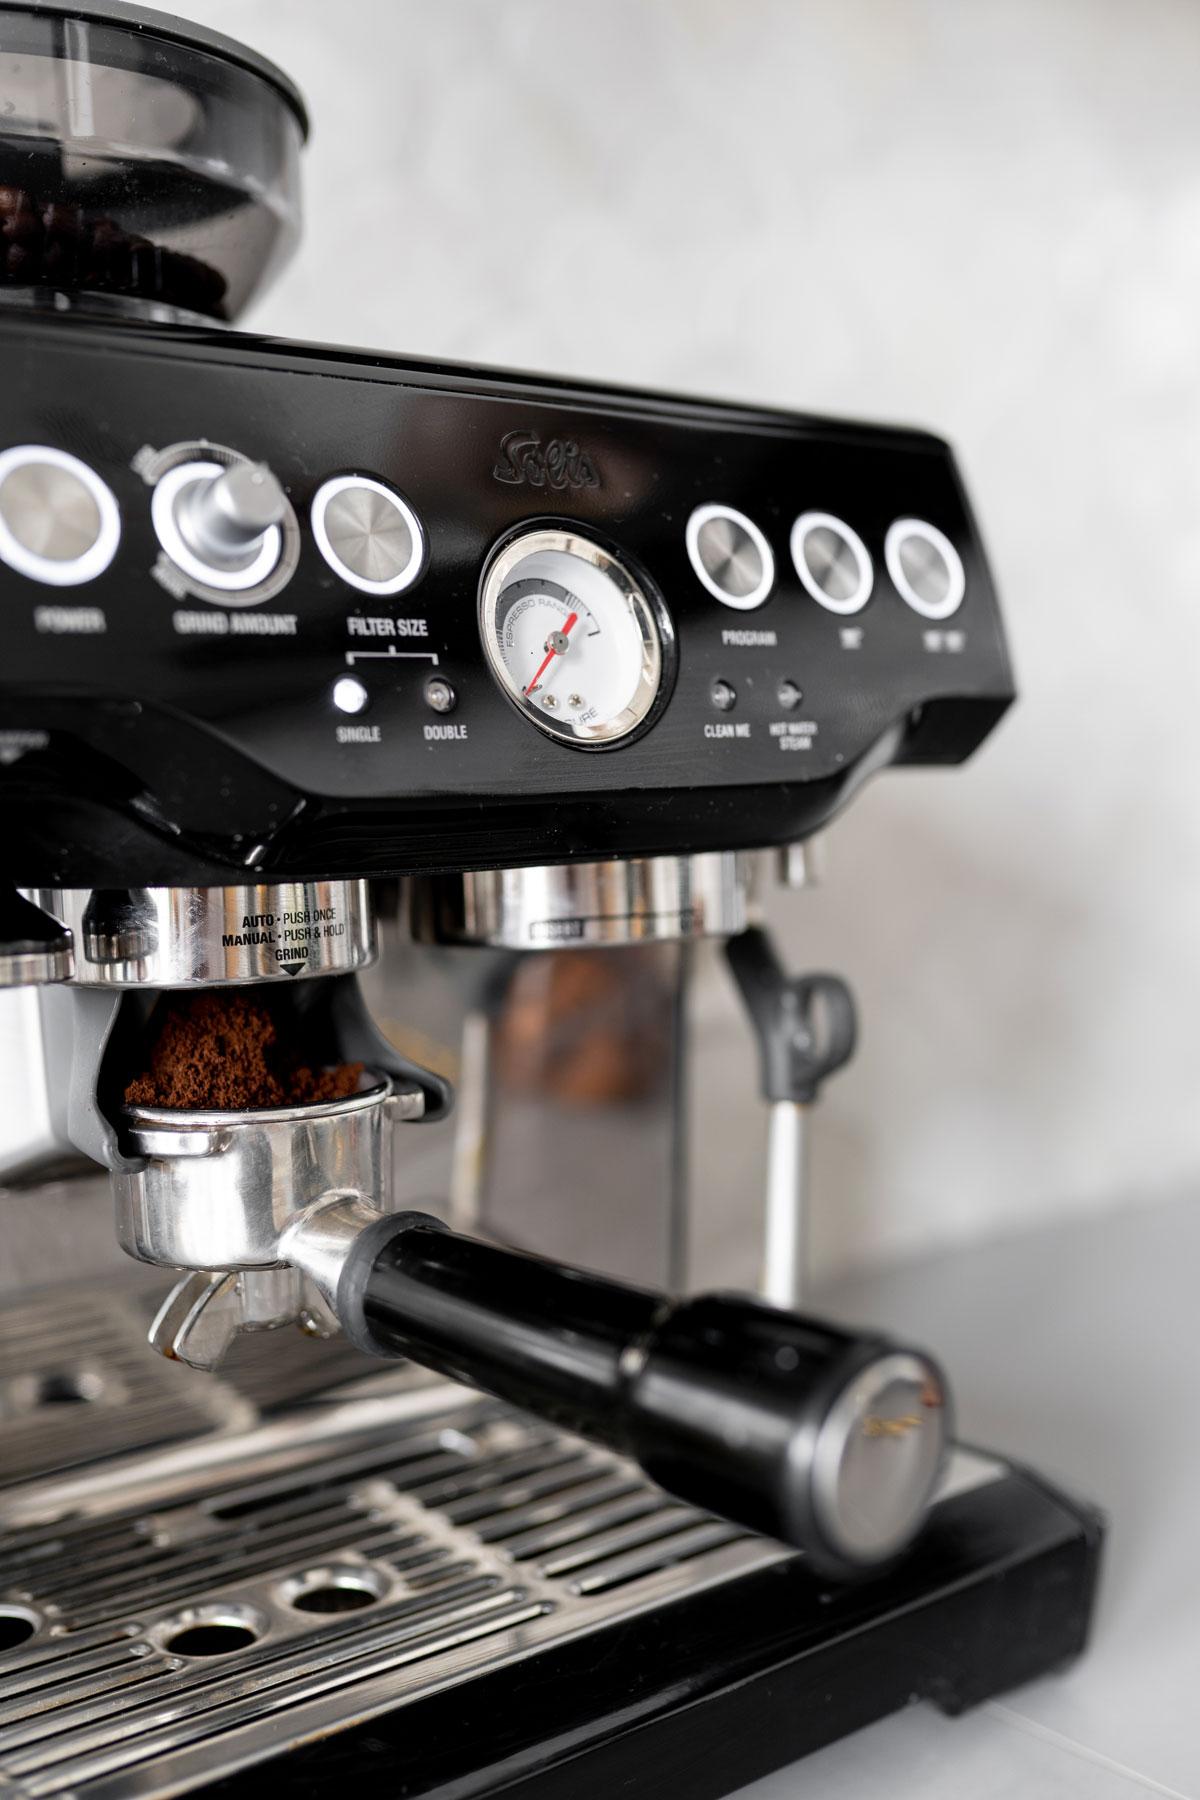 SOLIS Pro 115 Halfautomatische Espressomachine - Tanja van Hoogdalem